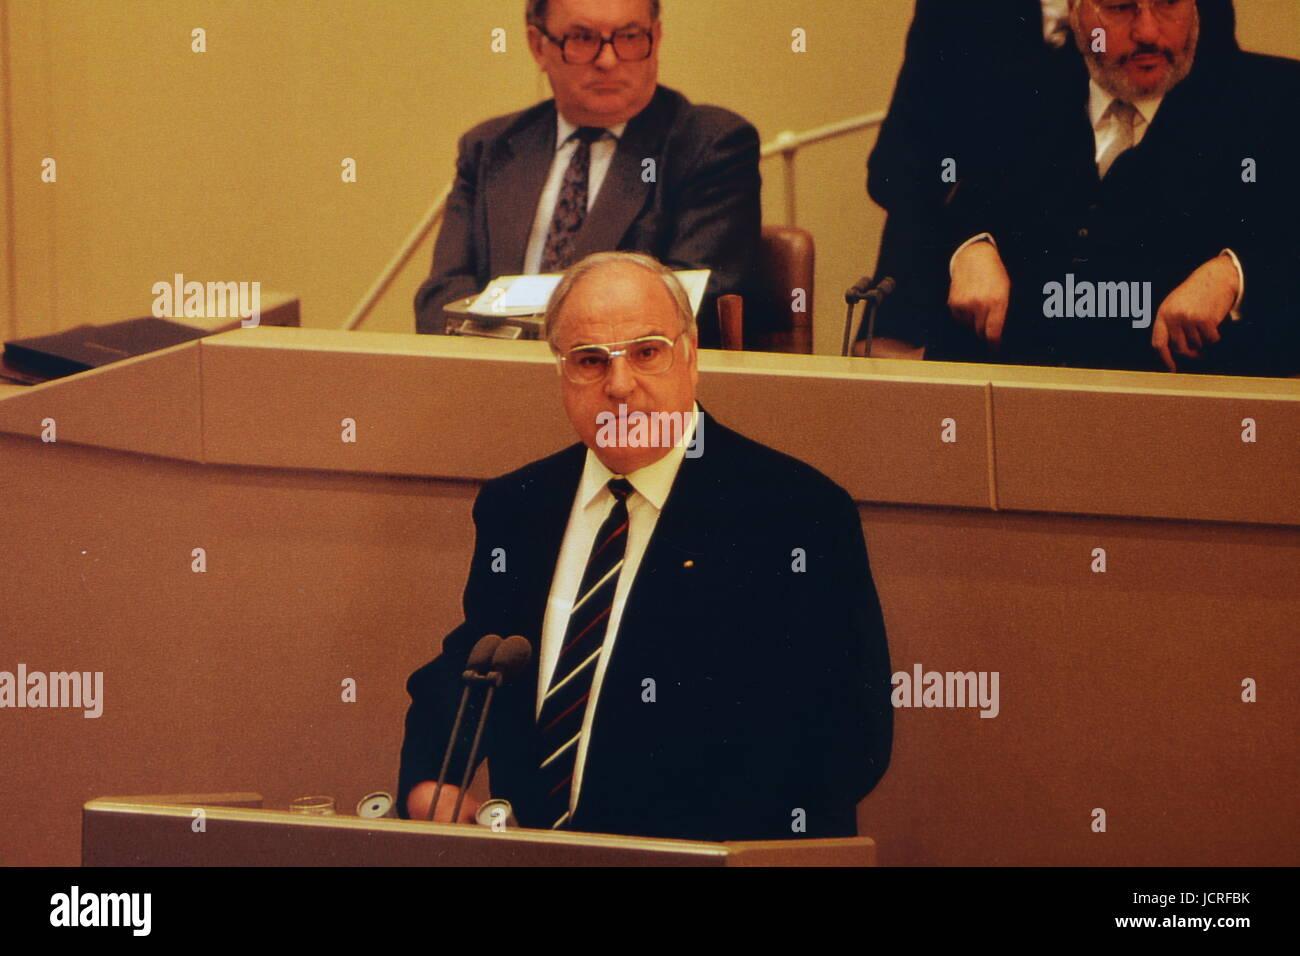 Bundeskanzler Kohl, Bonn 1990 - Stock Image